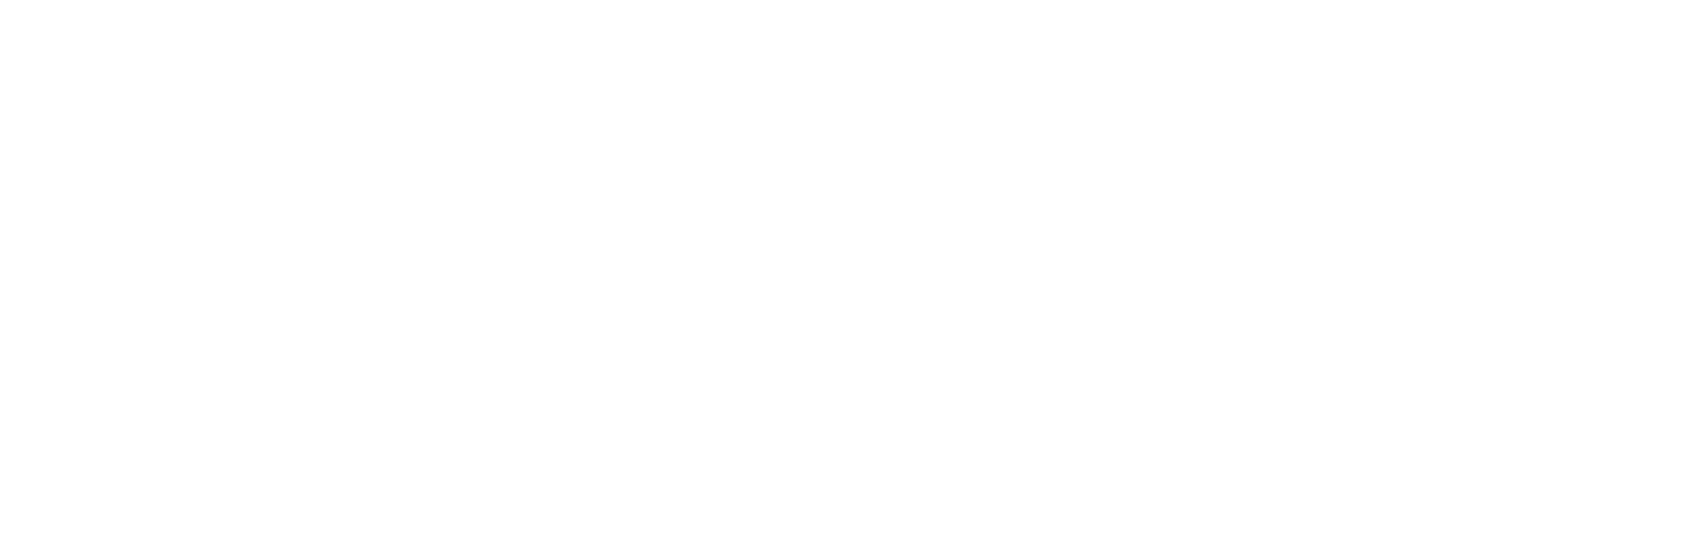 OSM-full-white@4x.png